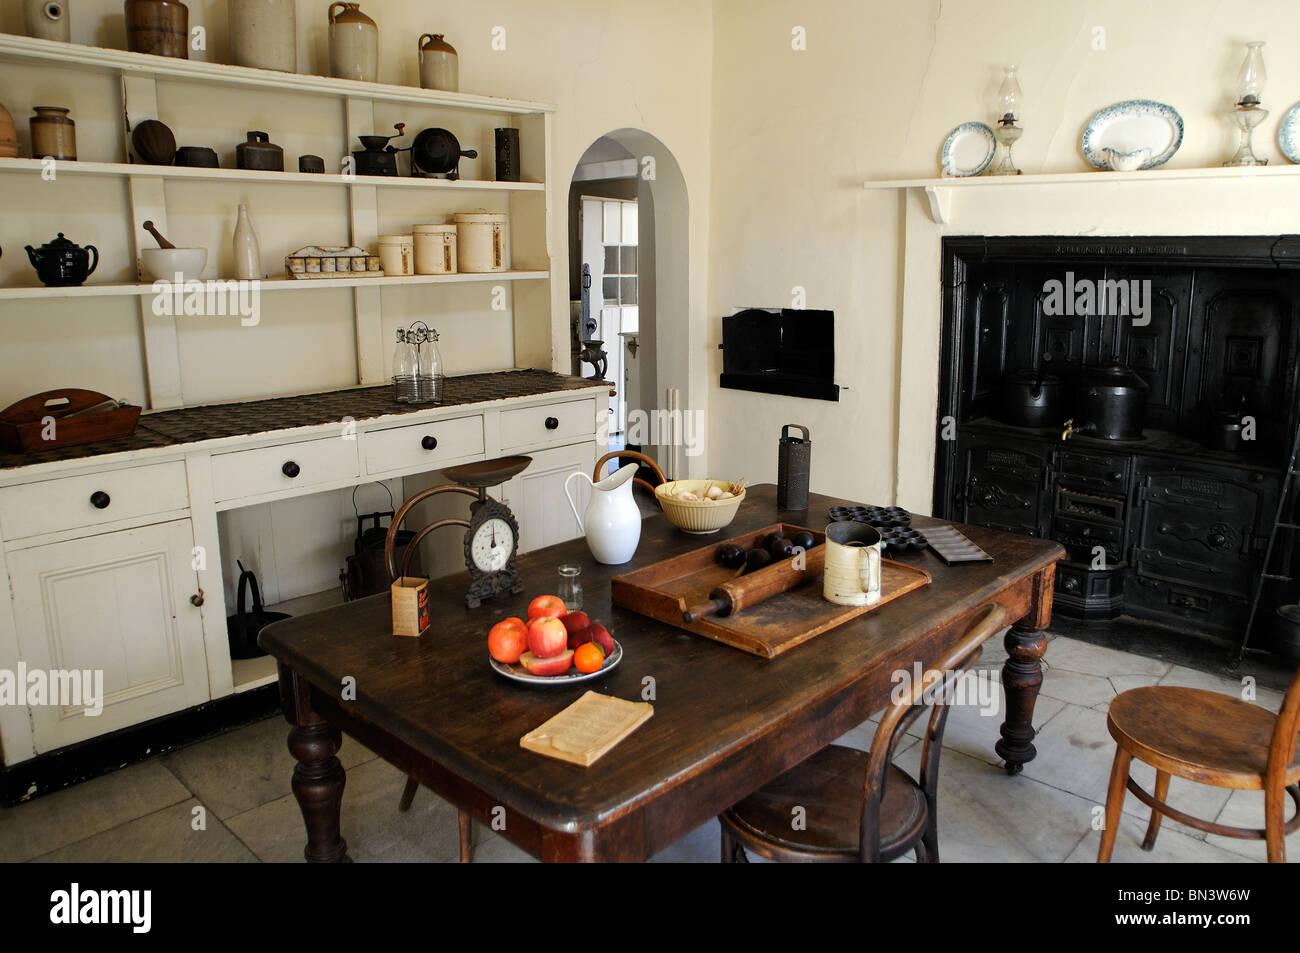 Australisch Familie Interieur : National trust eigentum küche interieur como historisches haus